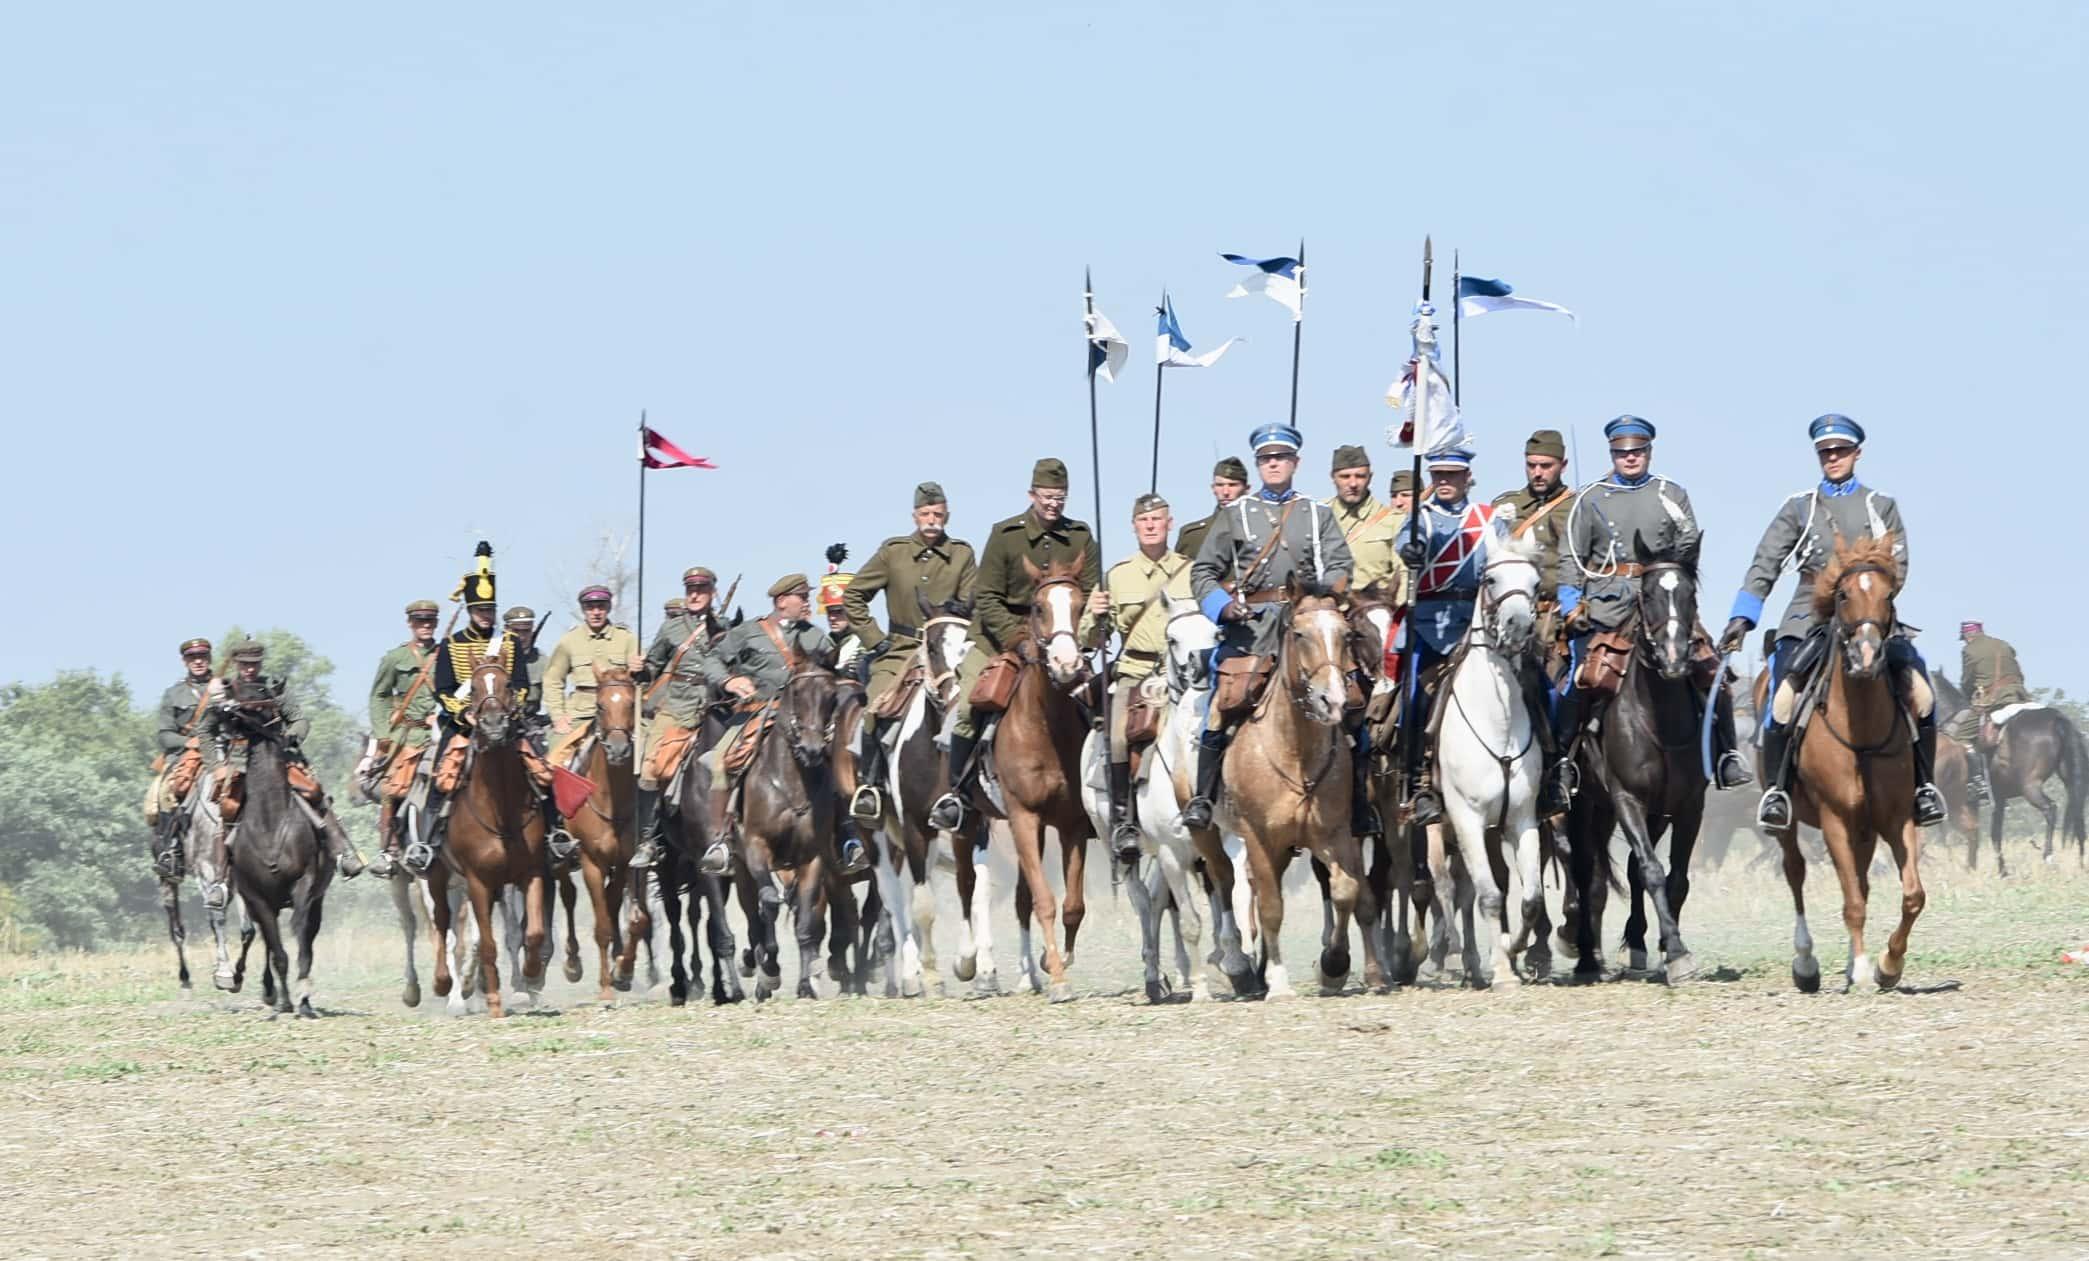 dsc 0593 Czas szabli - 100 rocznica bitwy pod Komarowem(zdjęcia)